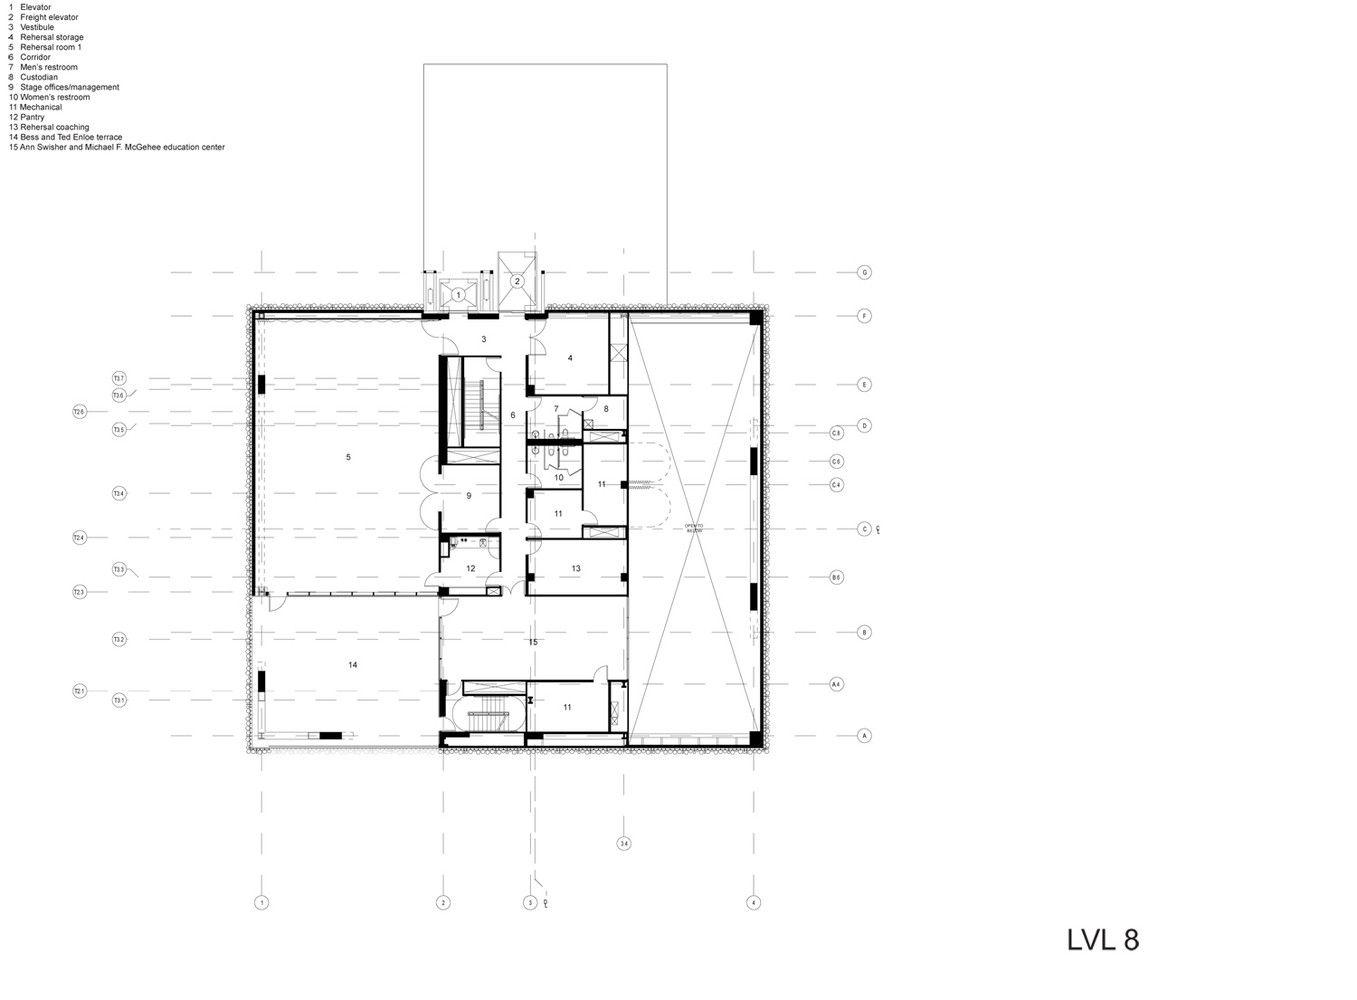 Ausgezeichnet Bester Hopkins 7 Pin Schaltplan Galerie - Der ...